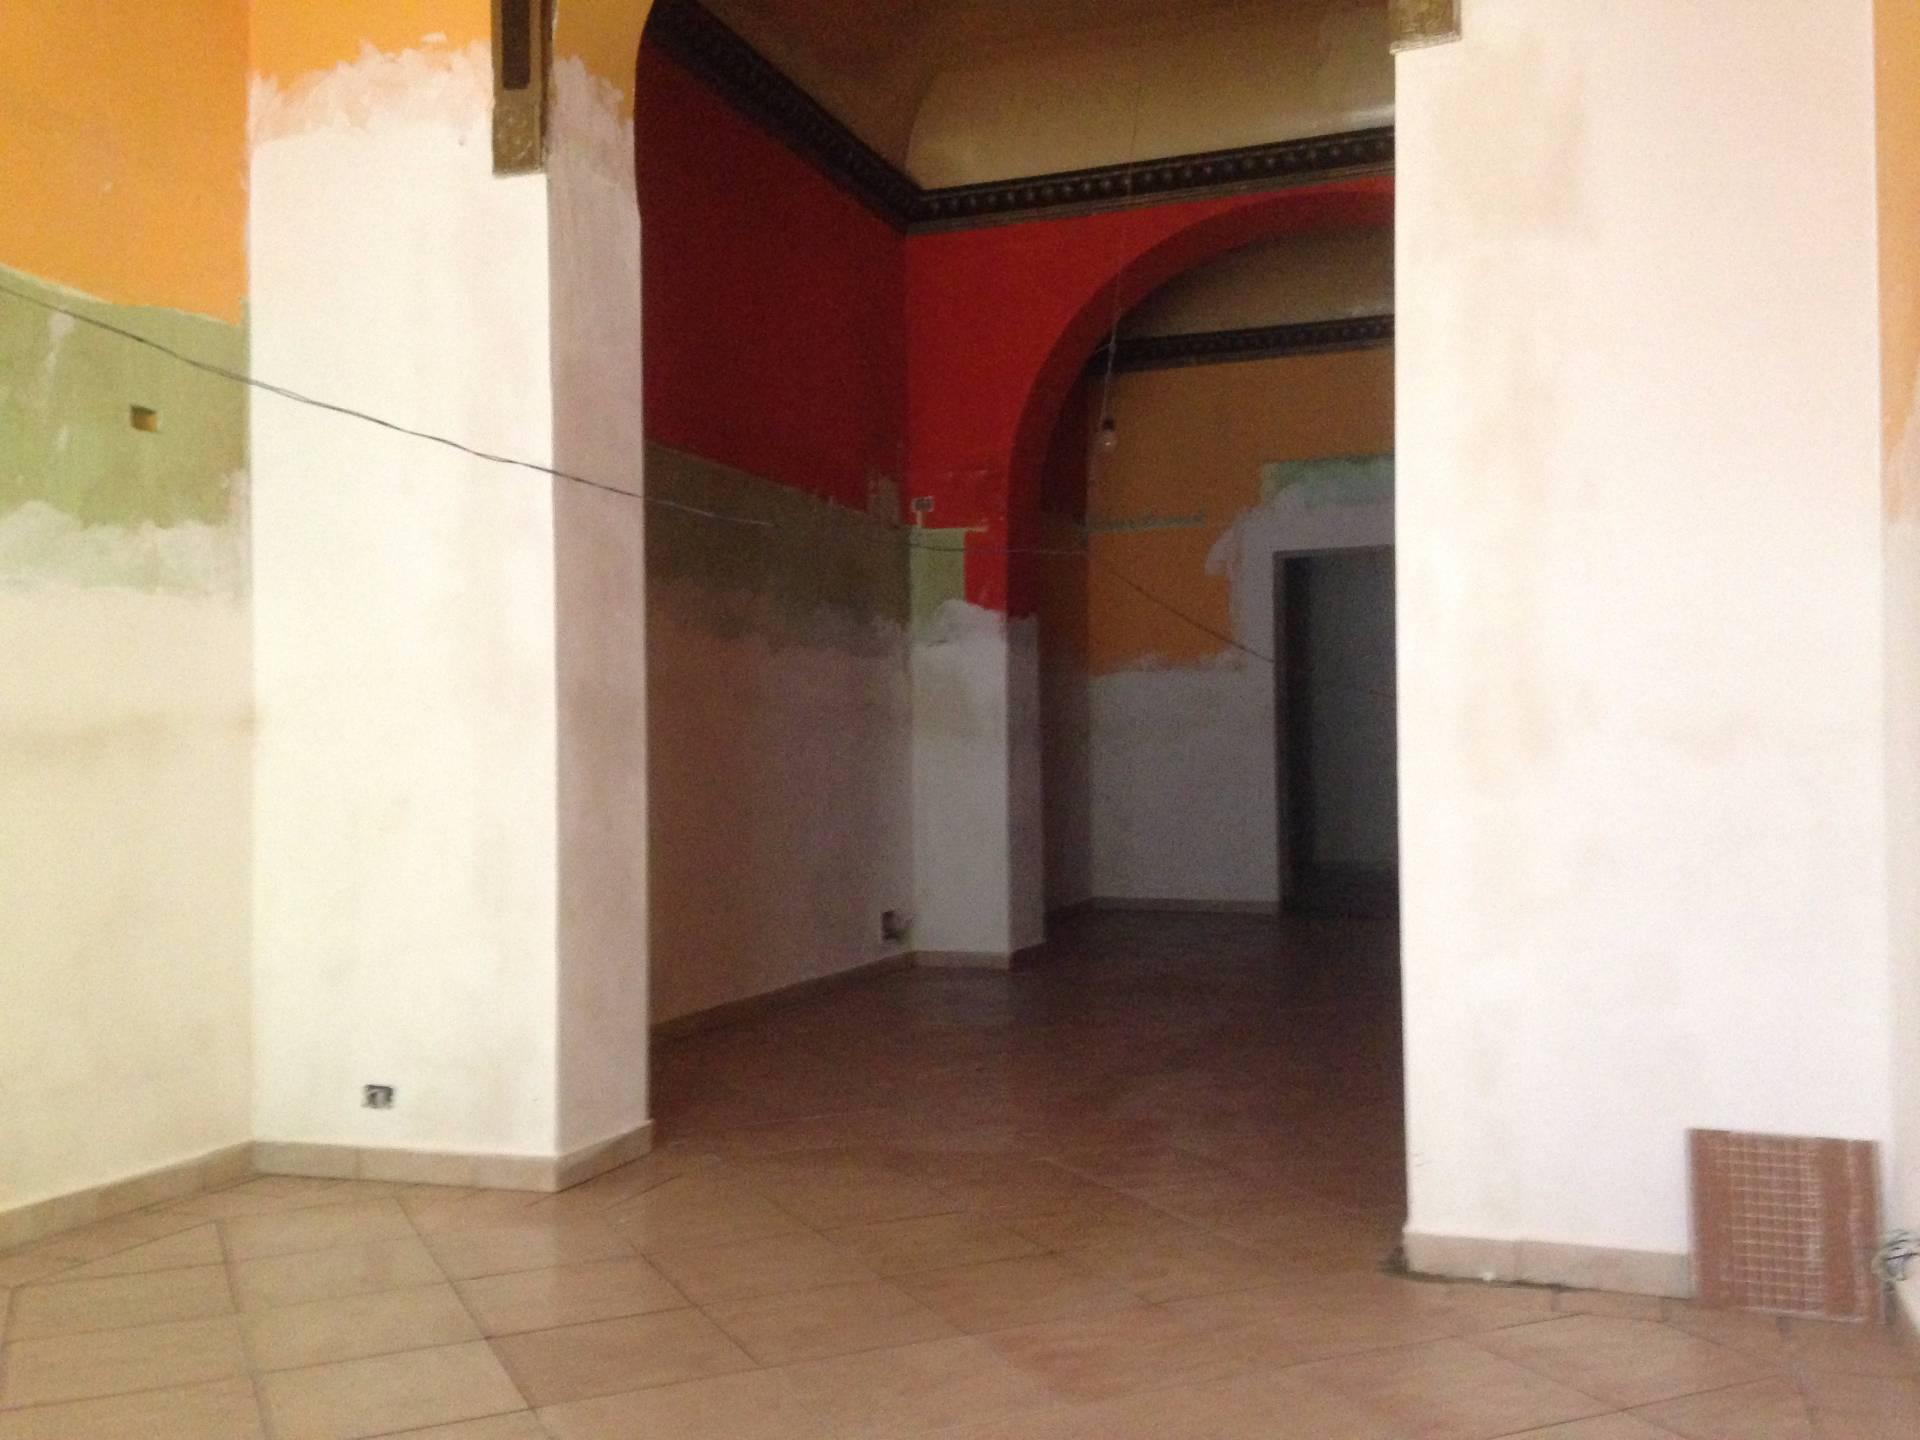 Negozio / Locale in affitto a Palermo, 9999 locali, zona Zona: Libertà, prezzo € 1.300 | Cambio Casa.it